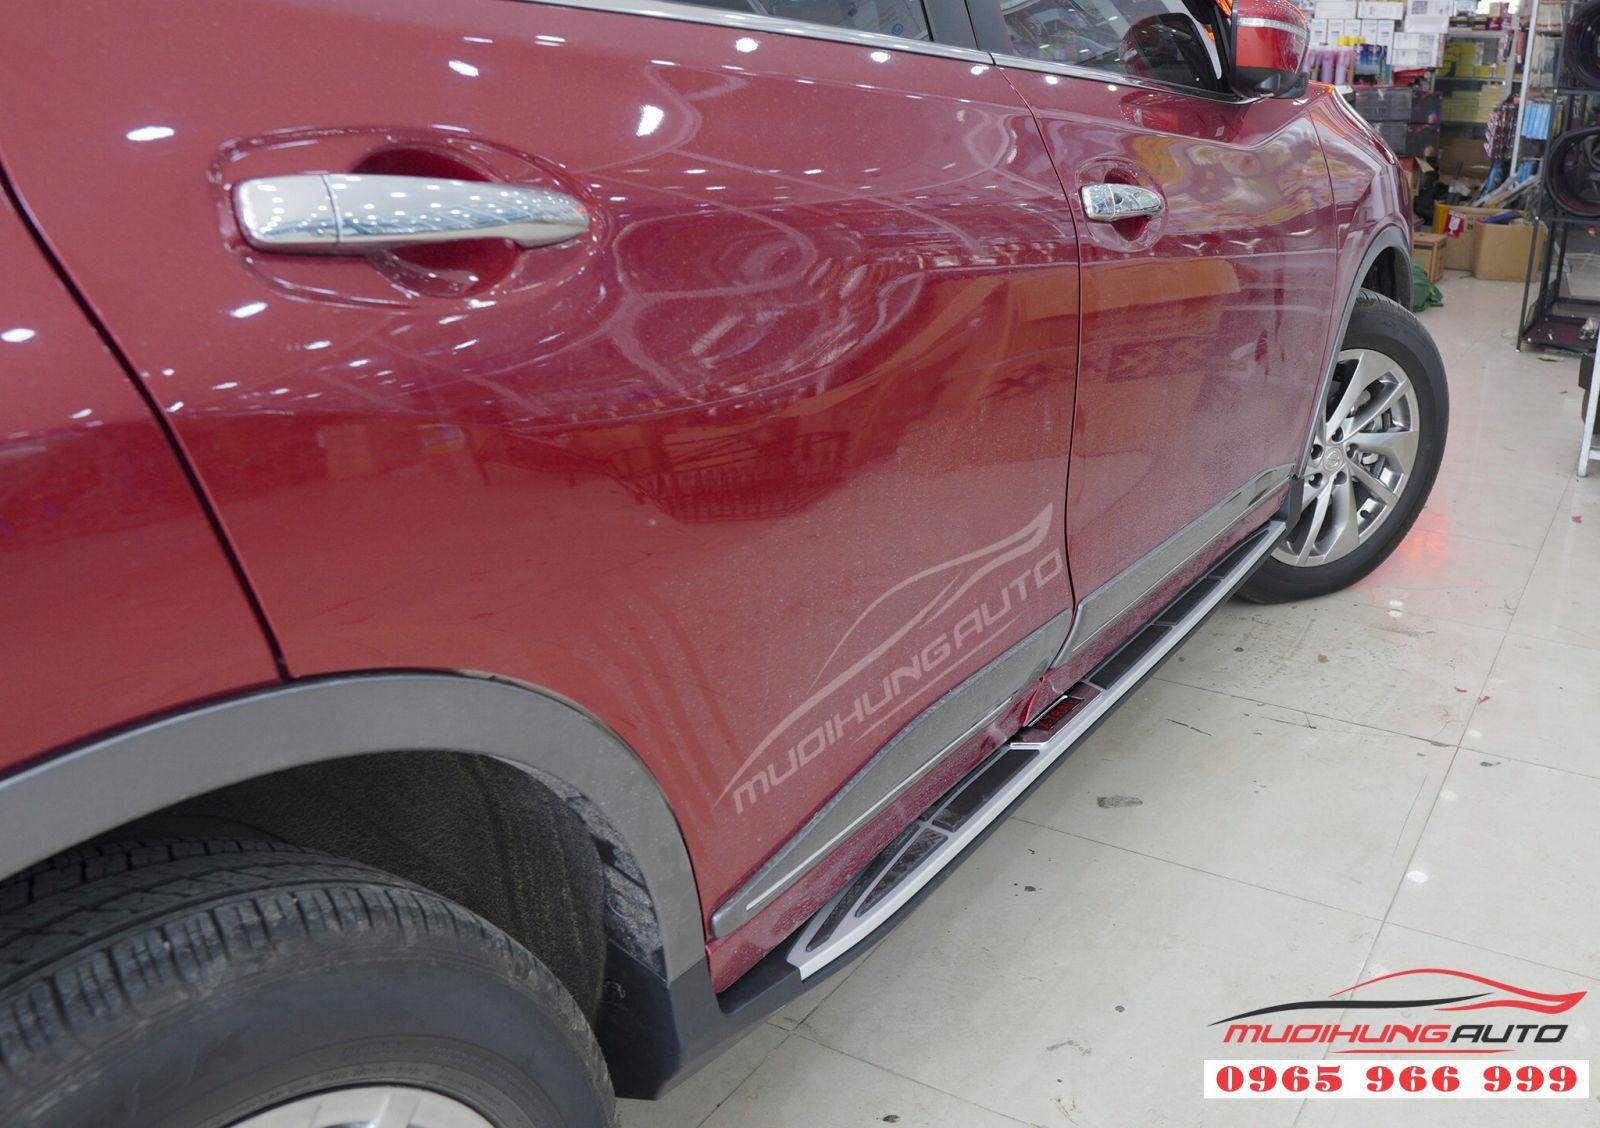 Lắp bệ bước chân chính hãng cho Nissan X-trail 02